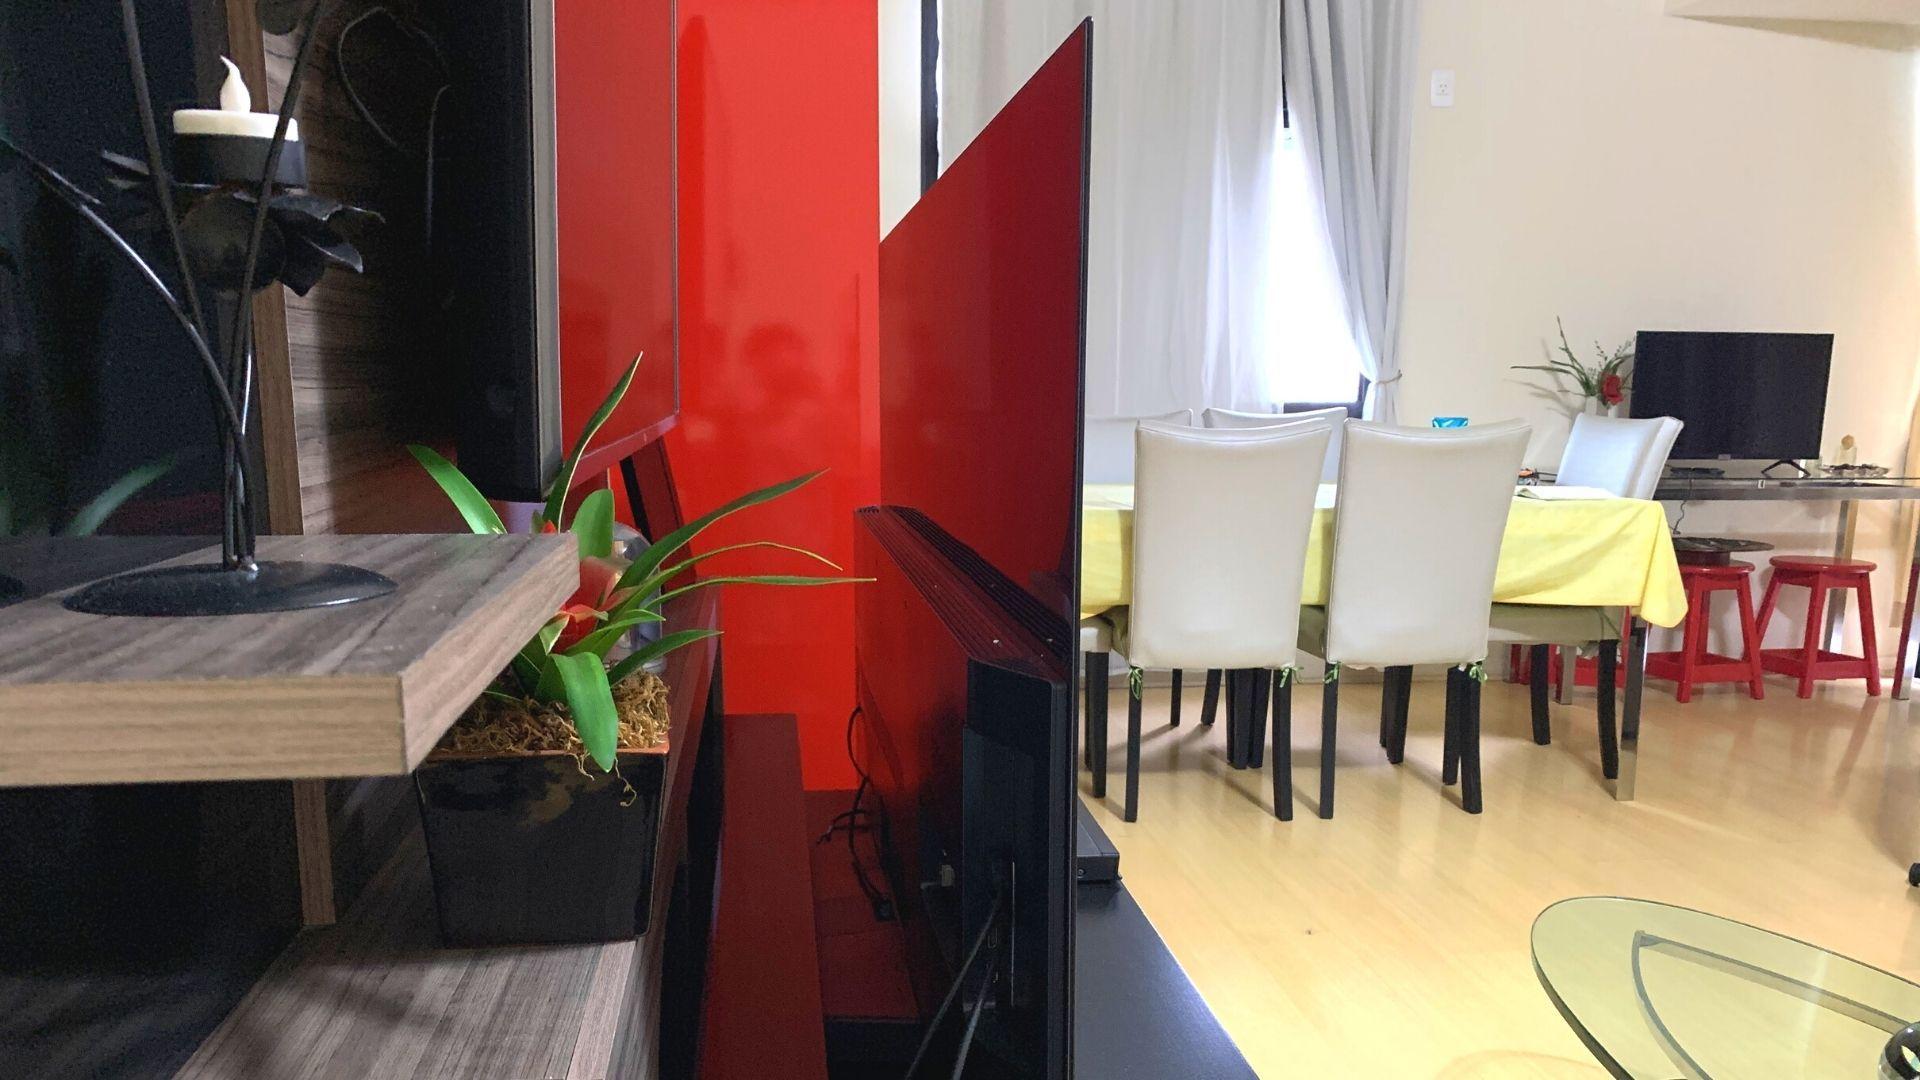 Design da C9 impressiona pela finura da tela. (Imagem: Yulli Dias/Zoom)